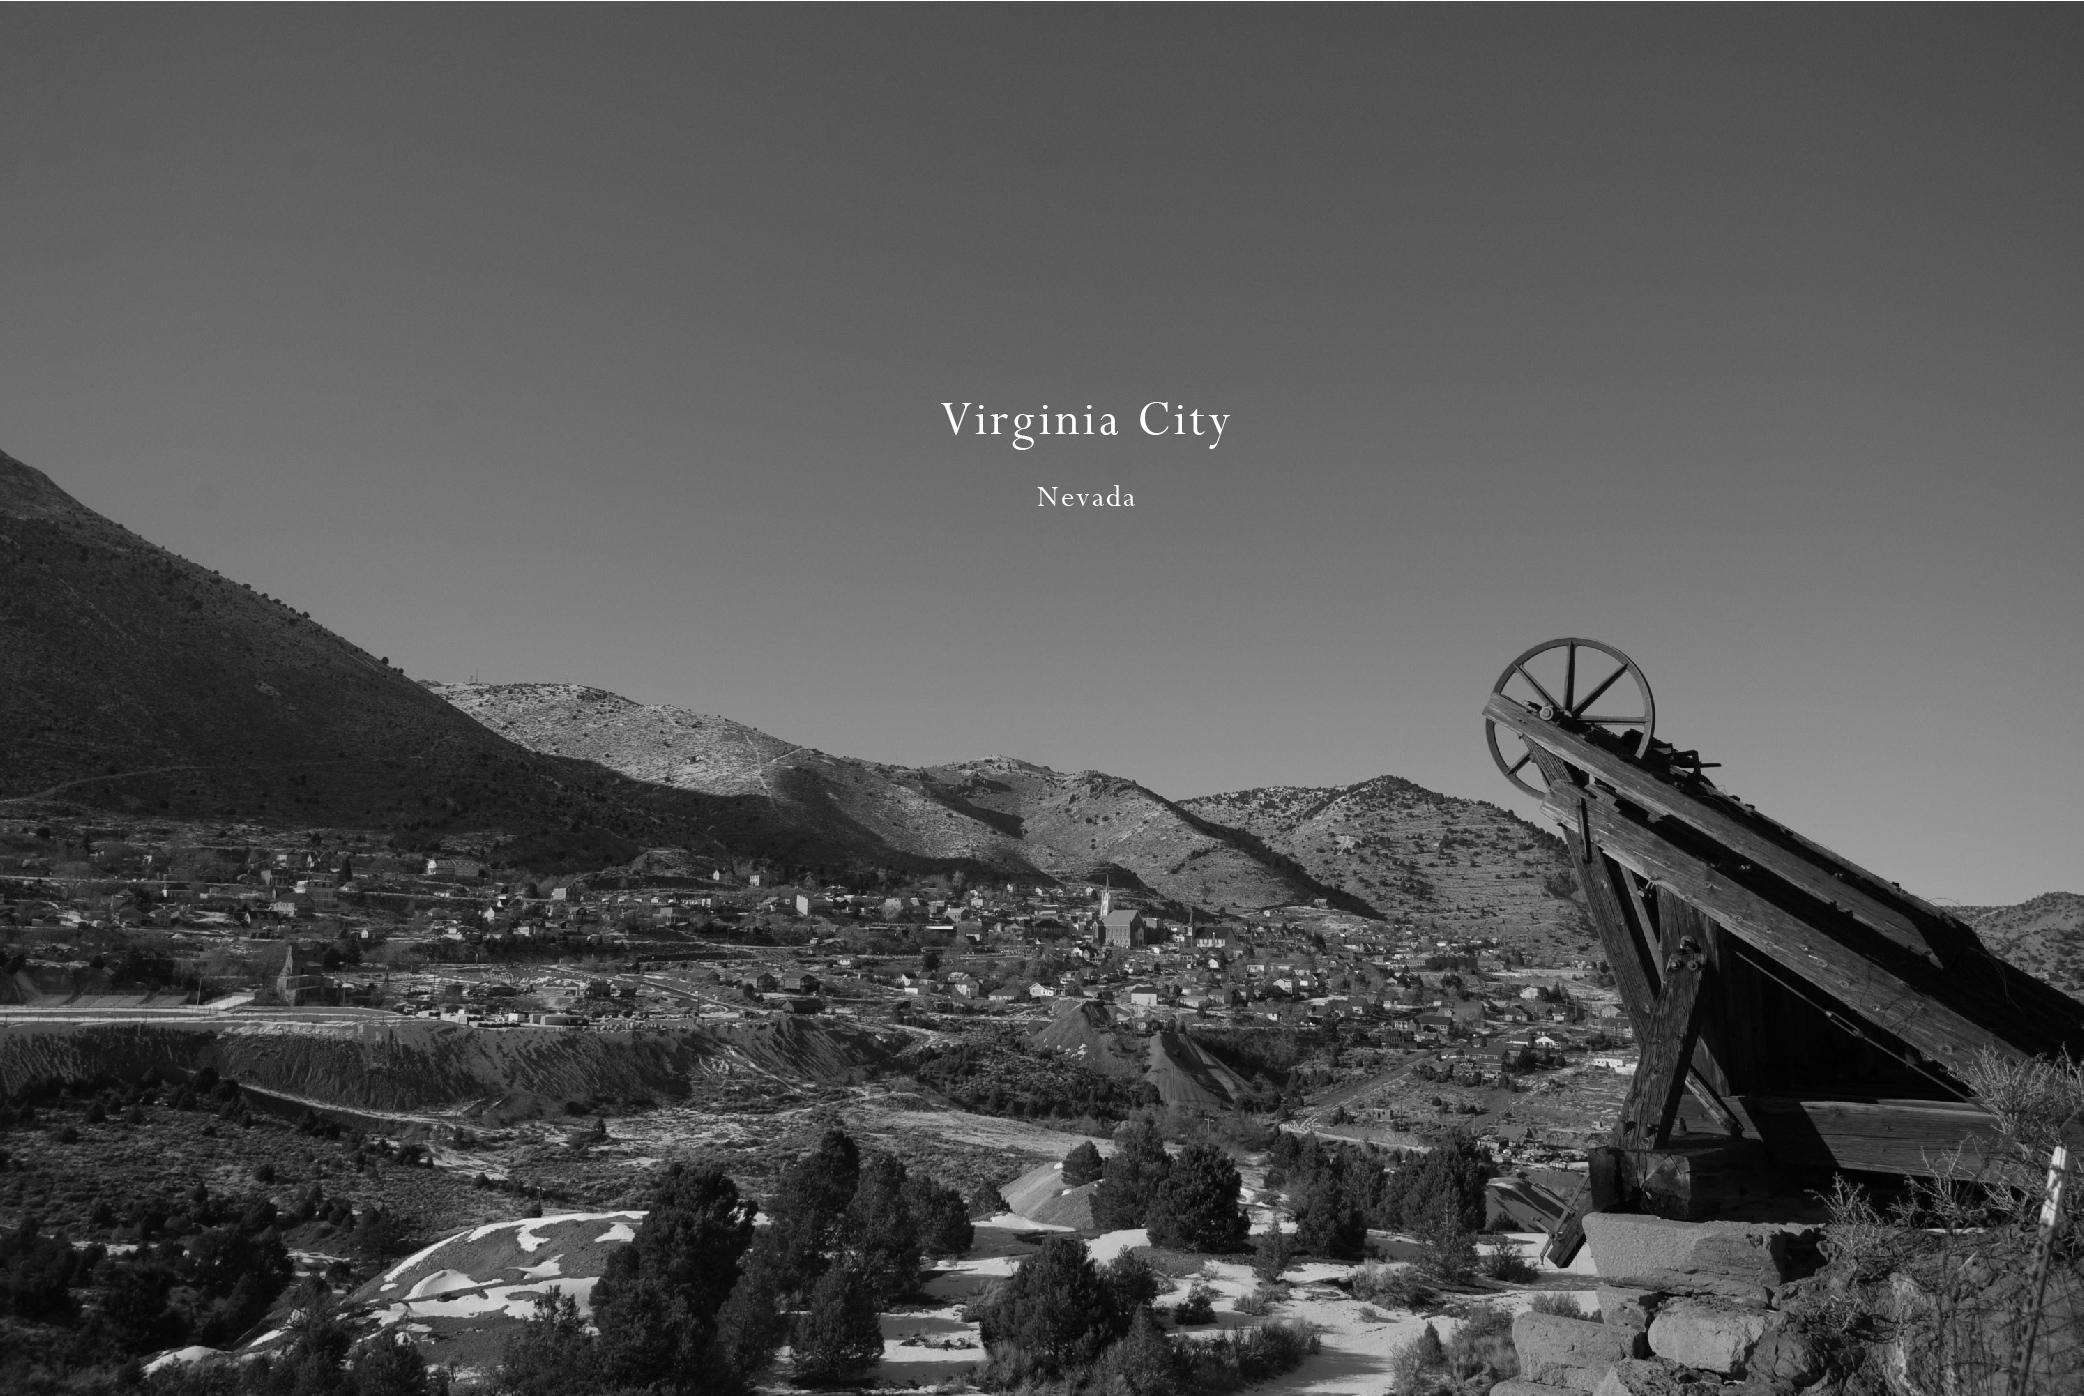 virginia city-01.jpg